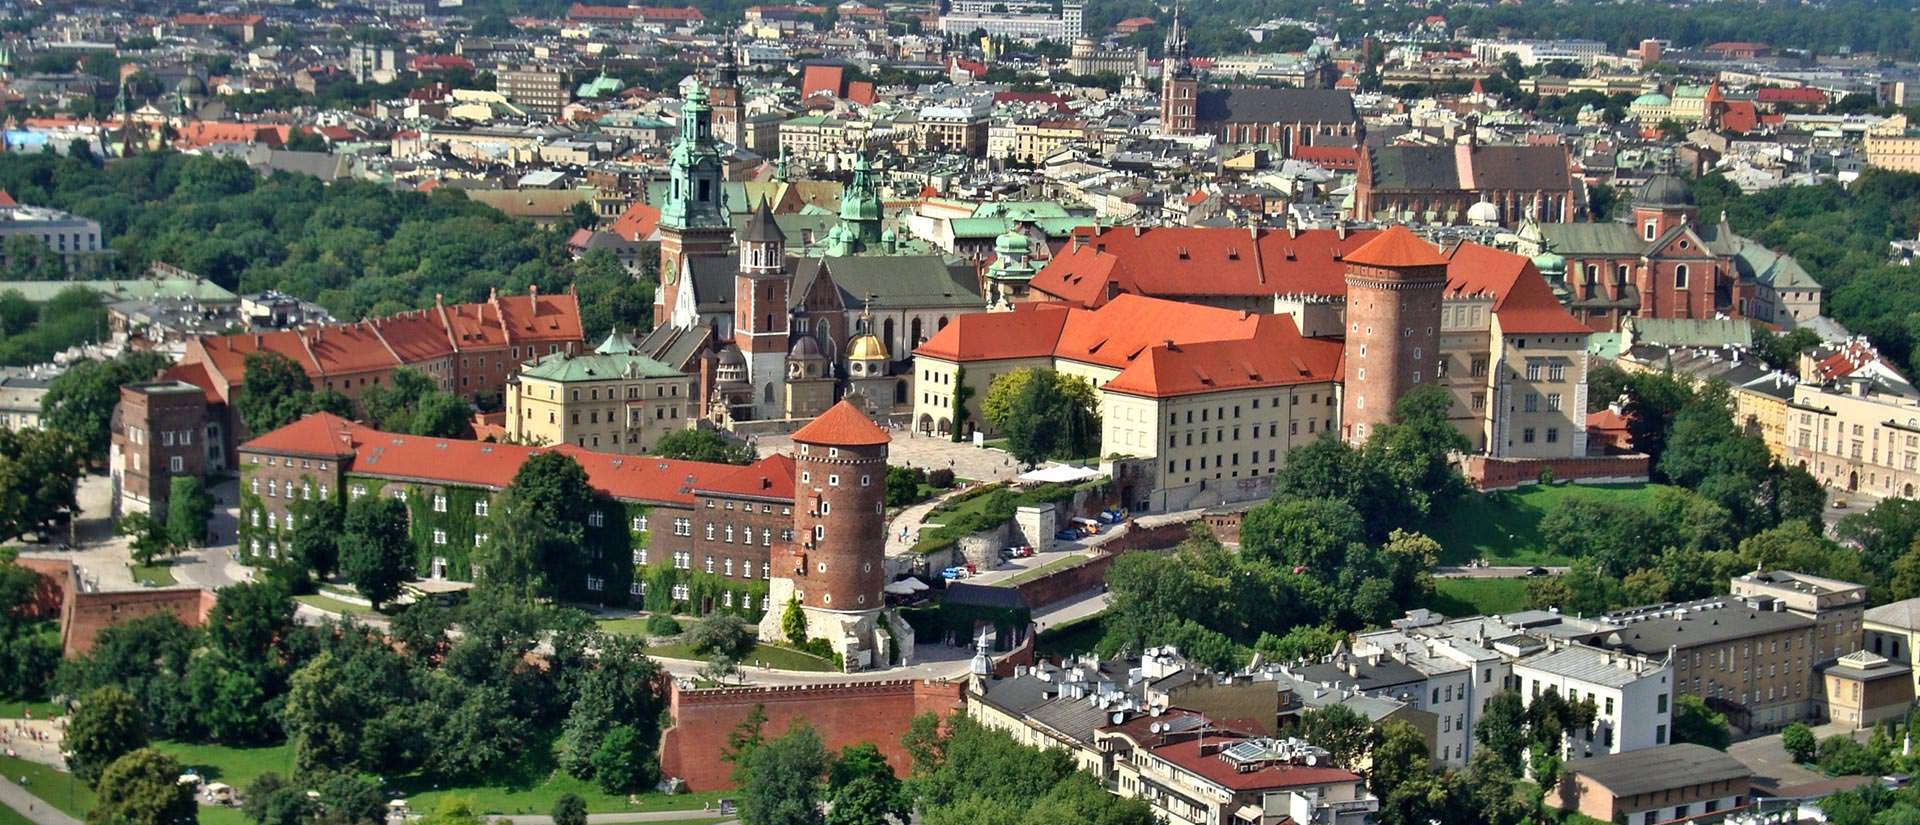 טיול מאורגן לפולין עם החברה הגיאוגרפית